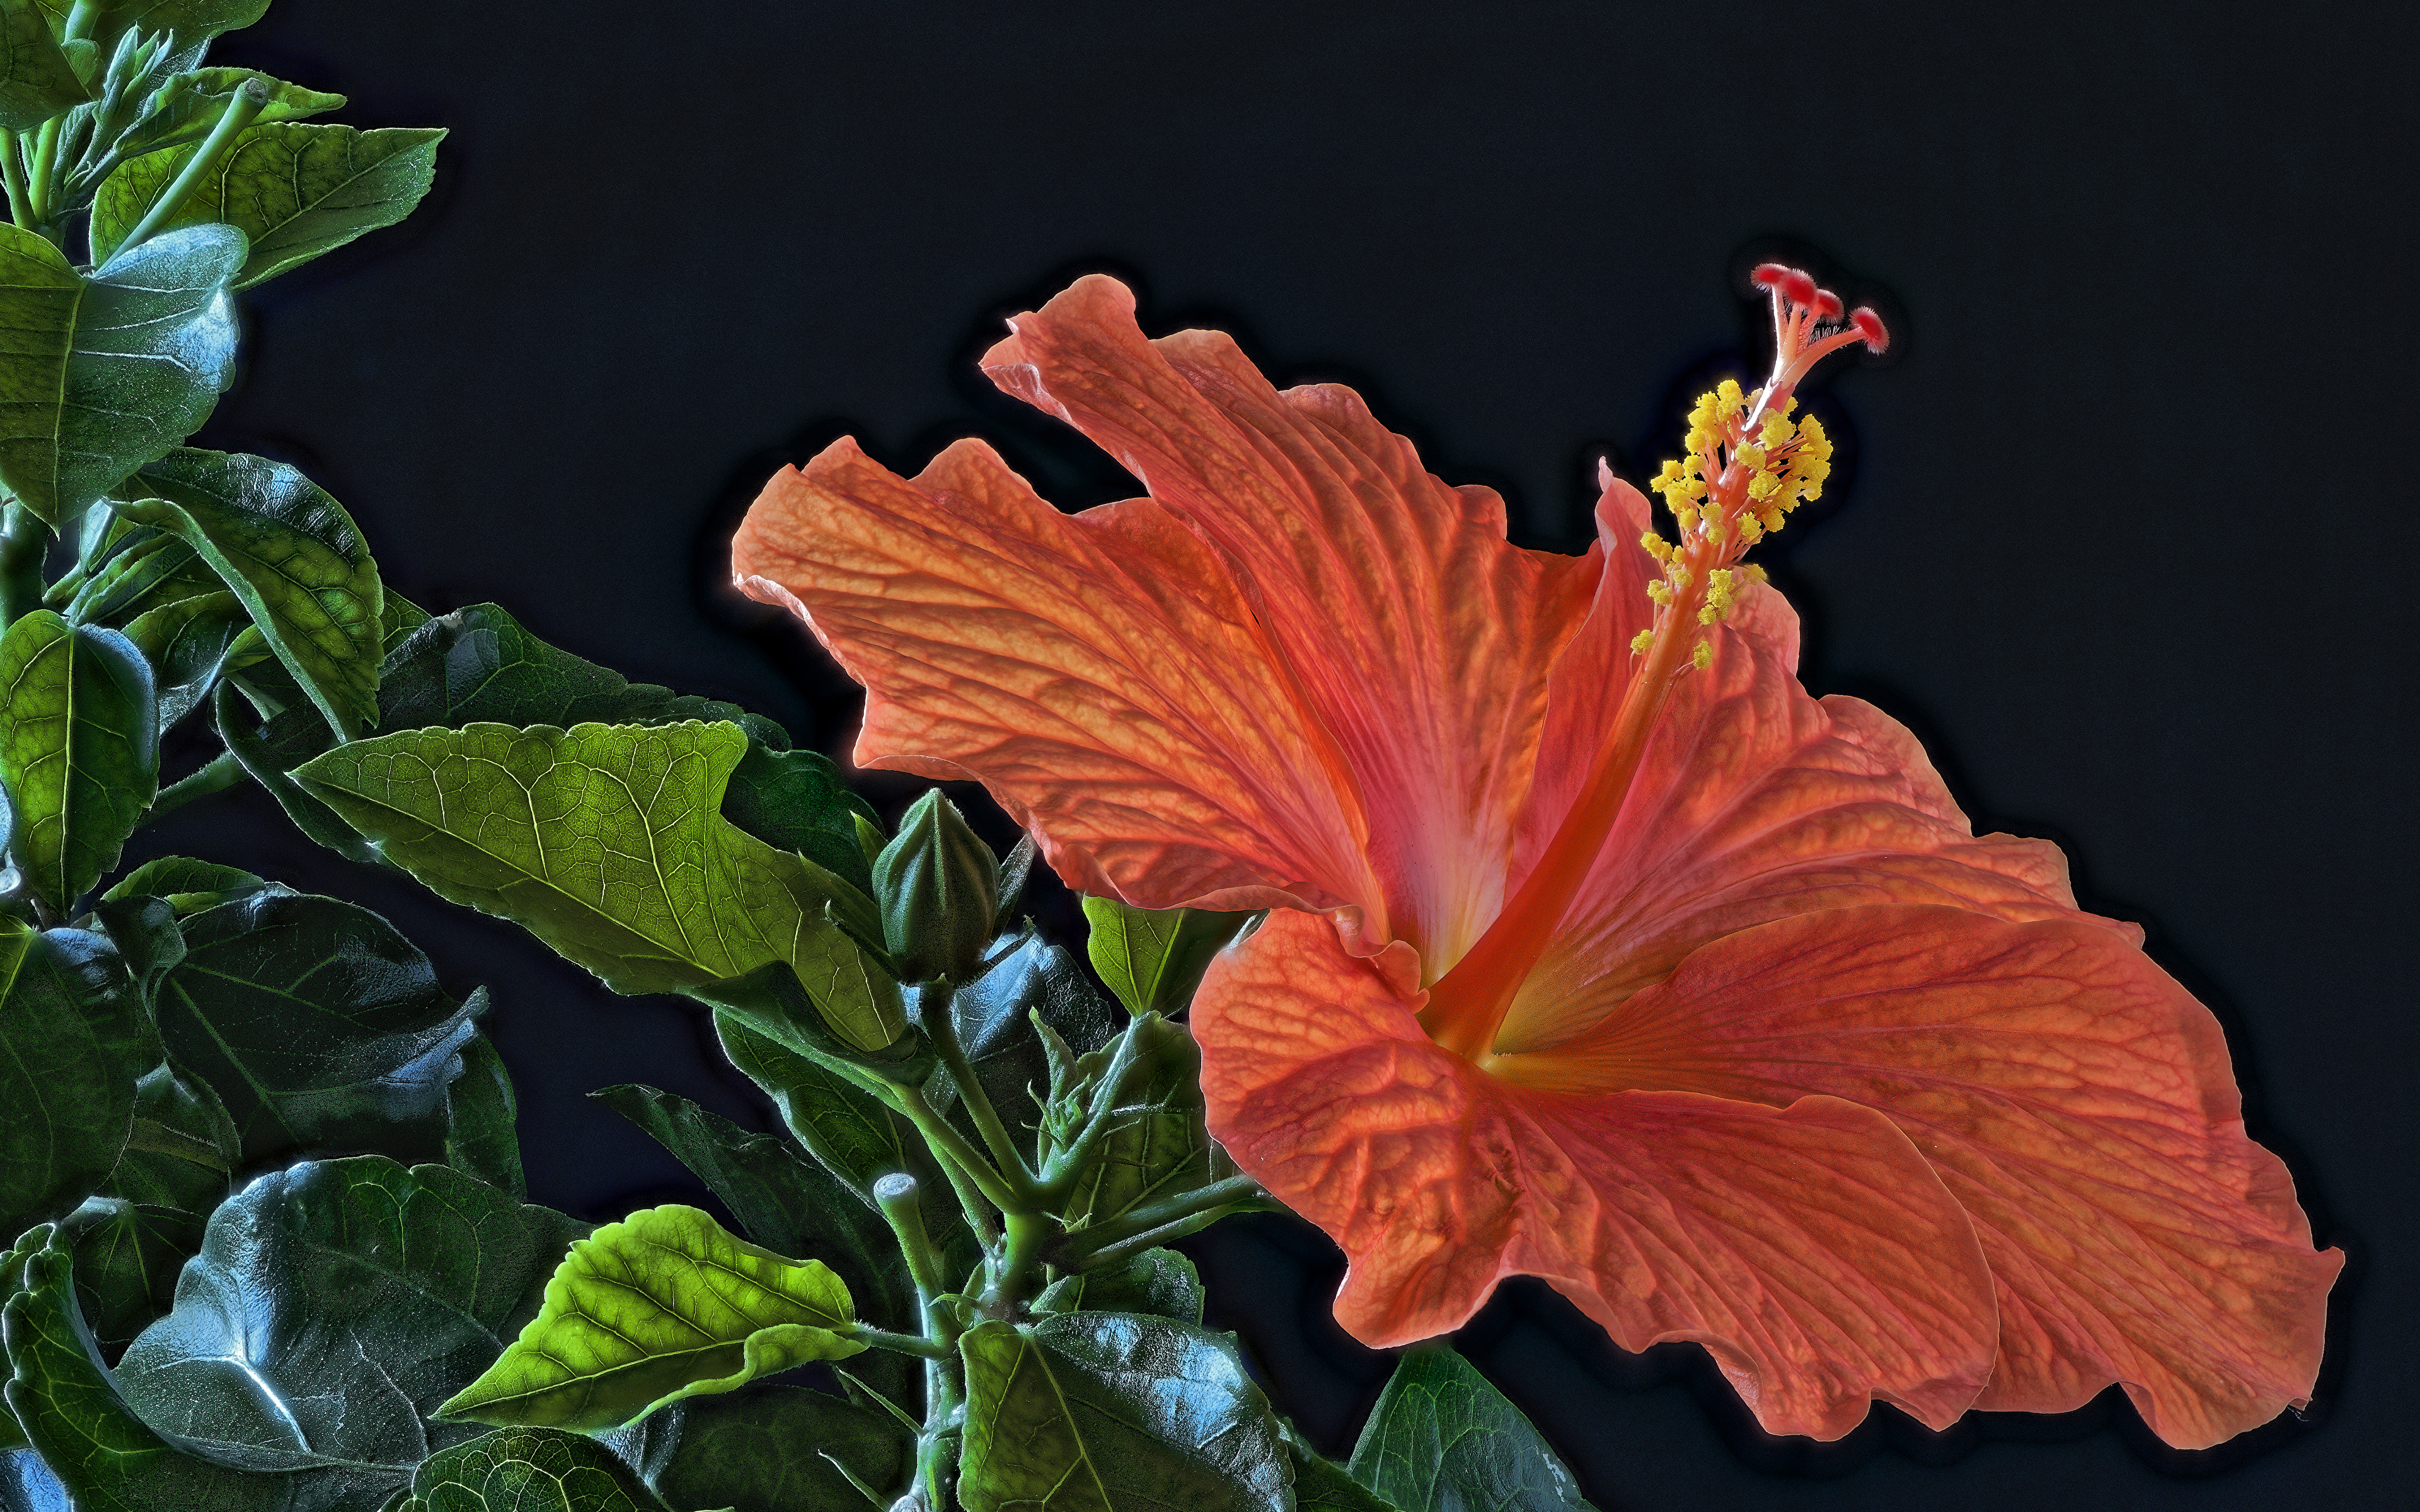 Фотография HDR оранжевая цветок Гибискусы вблизи Черный фон 3840x2400 HDRI оранжевых оранжевые Оранжевый Цветы на черном фоне Крупным планом